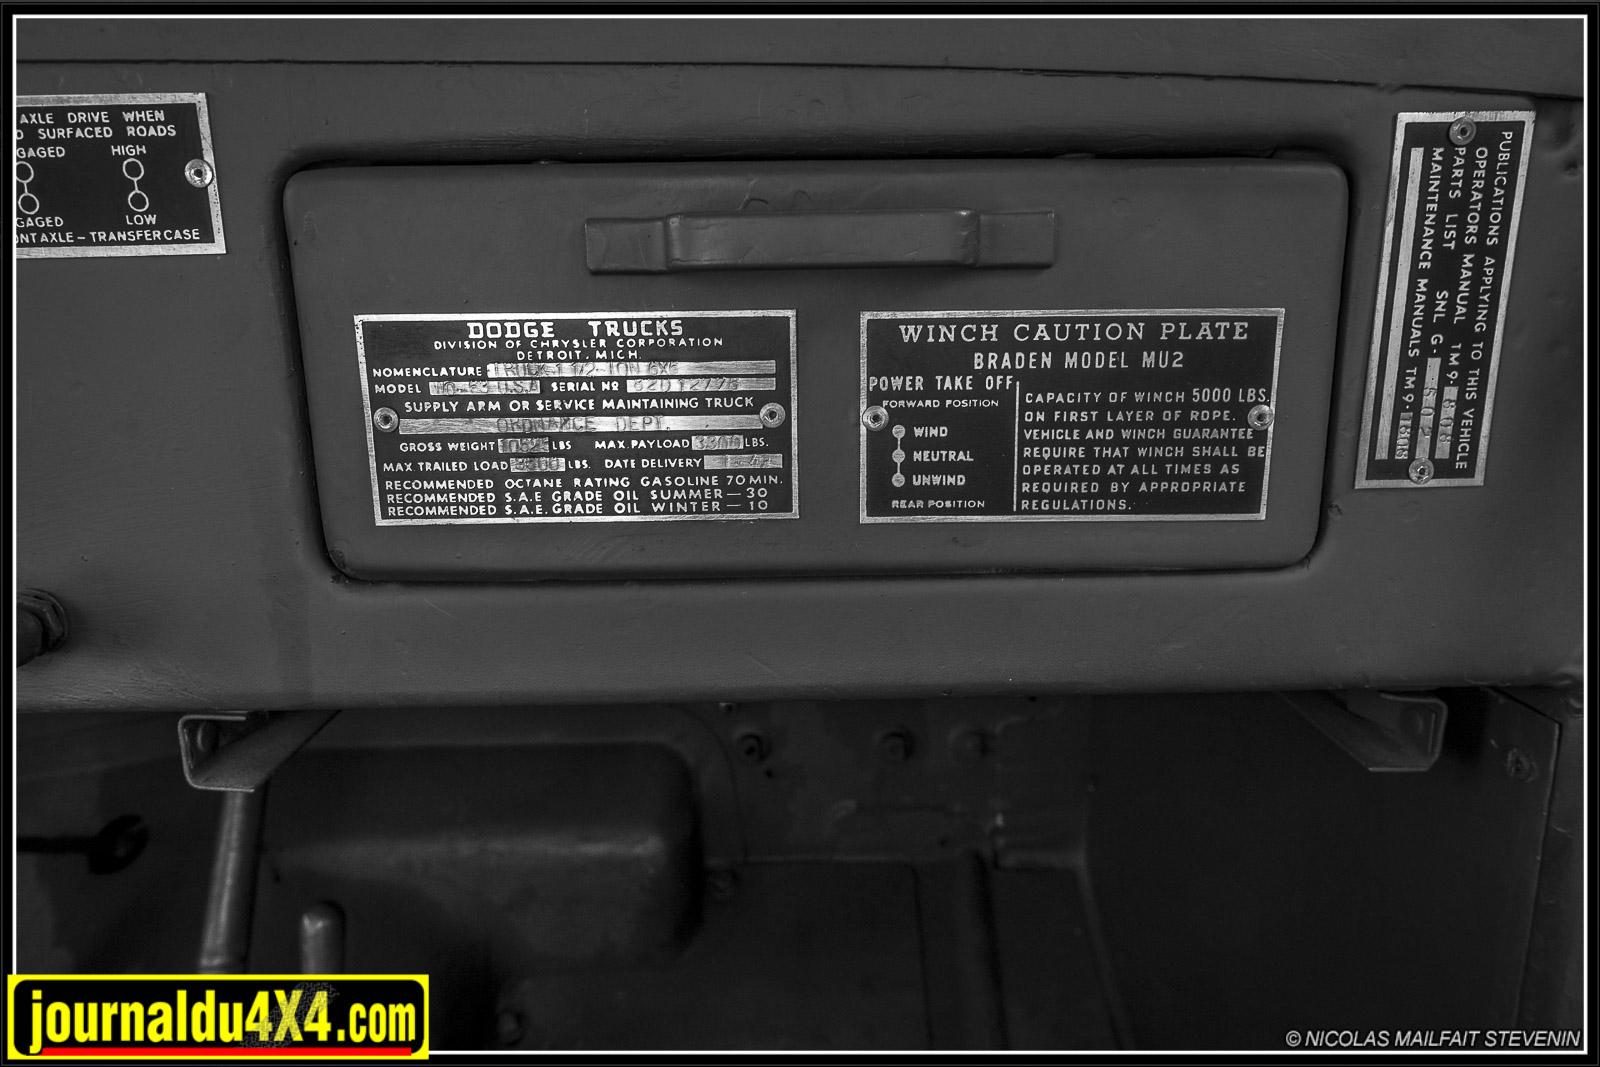 La plaque d'identité du Dodge WC63, puis celle de l'utilisation du treuil et enfin celle concernant les manuels de références pour l'entretien